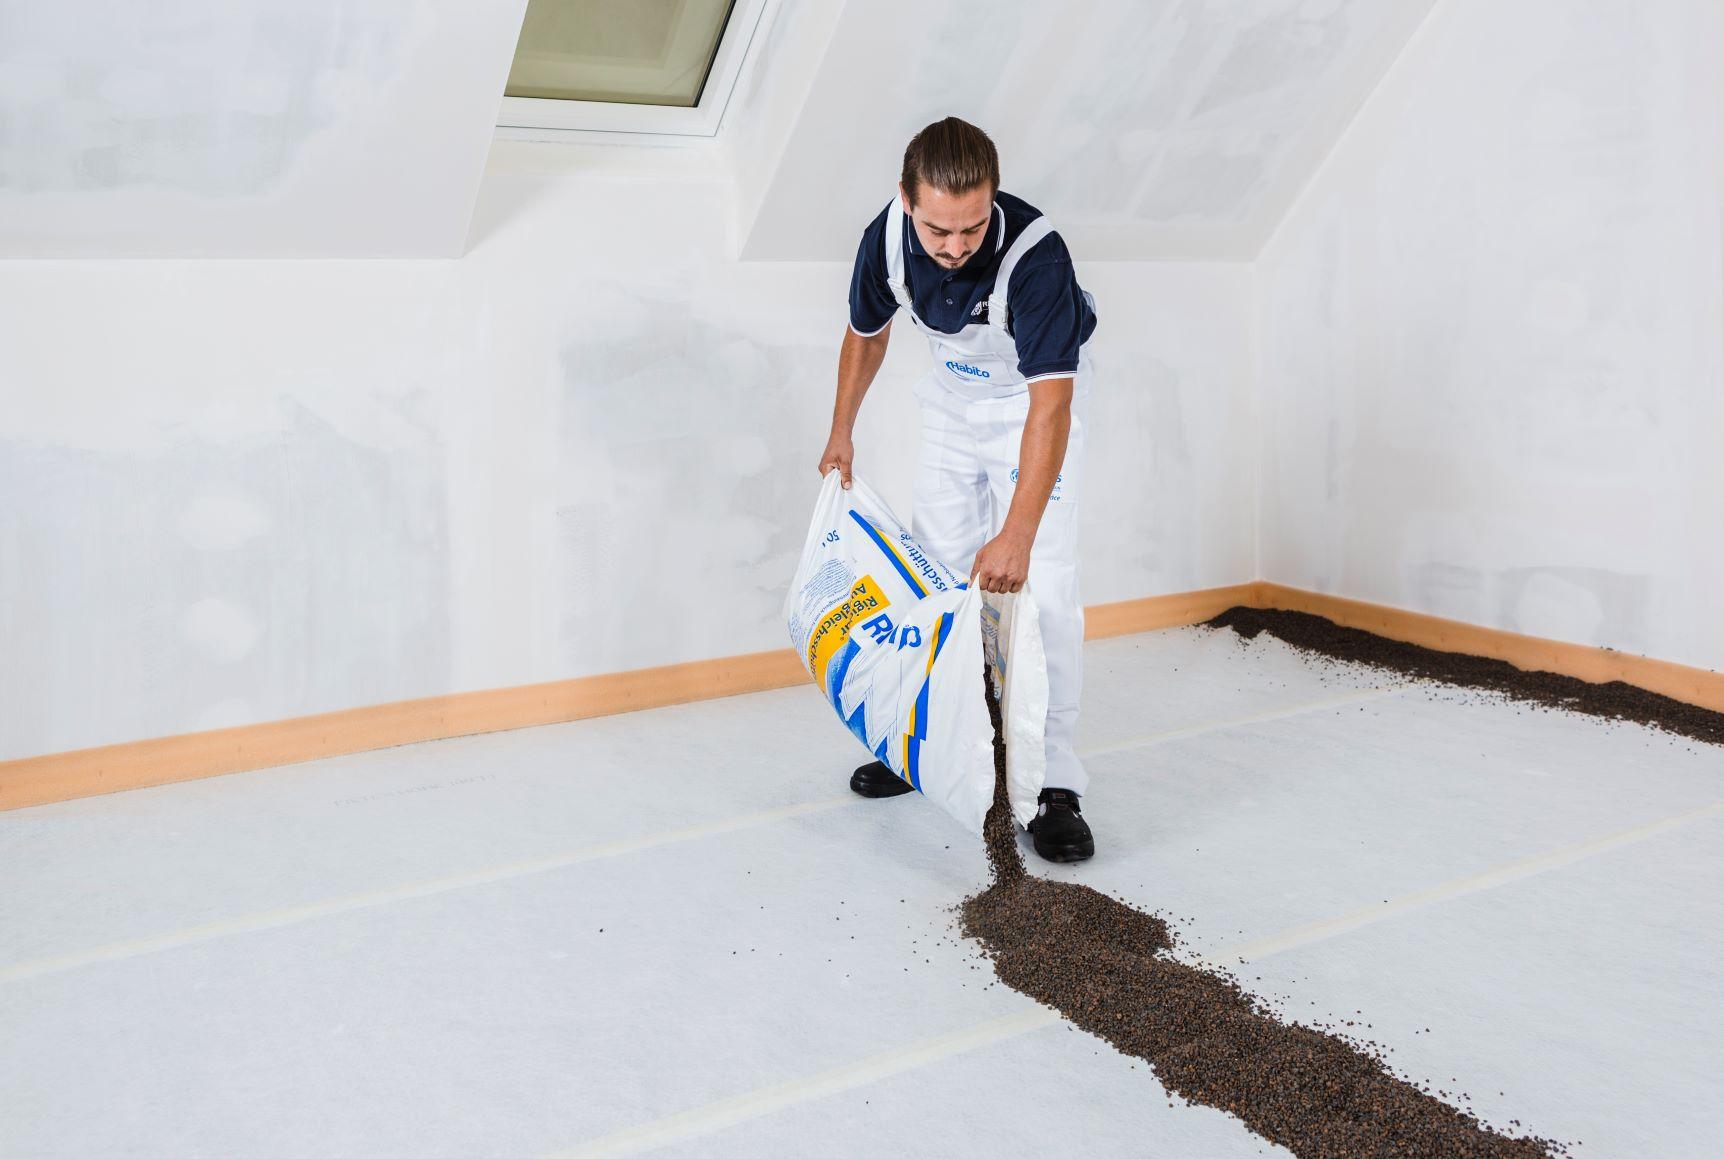 Jak si připravit povrch pro pokládku suché podlahy?